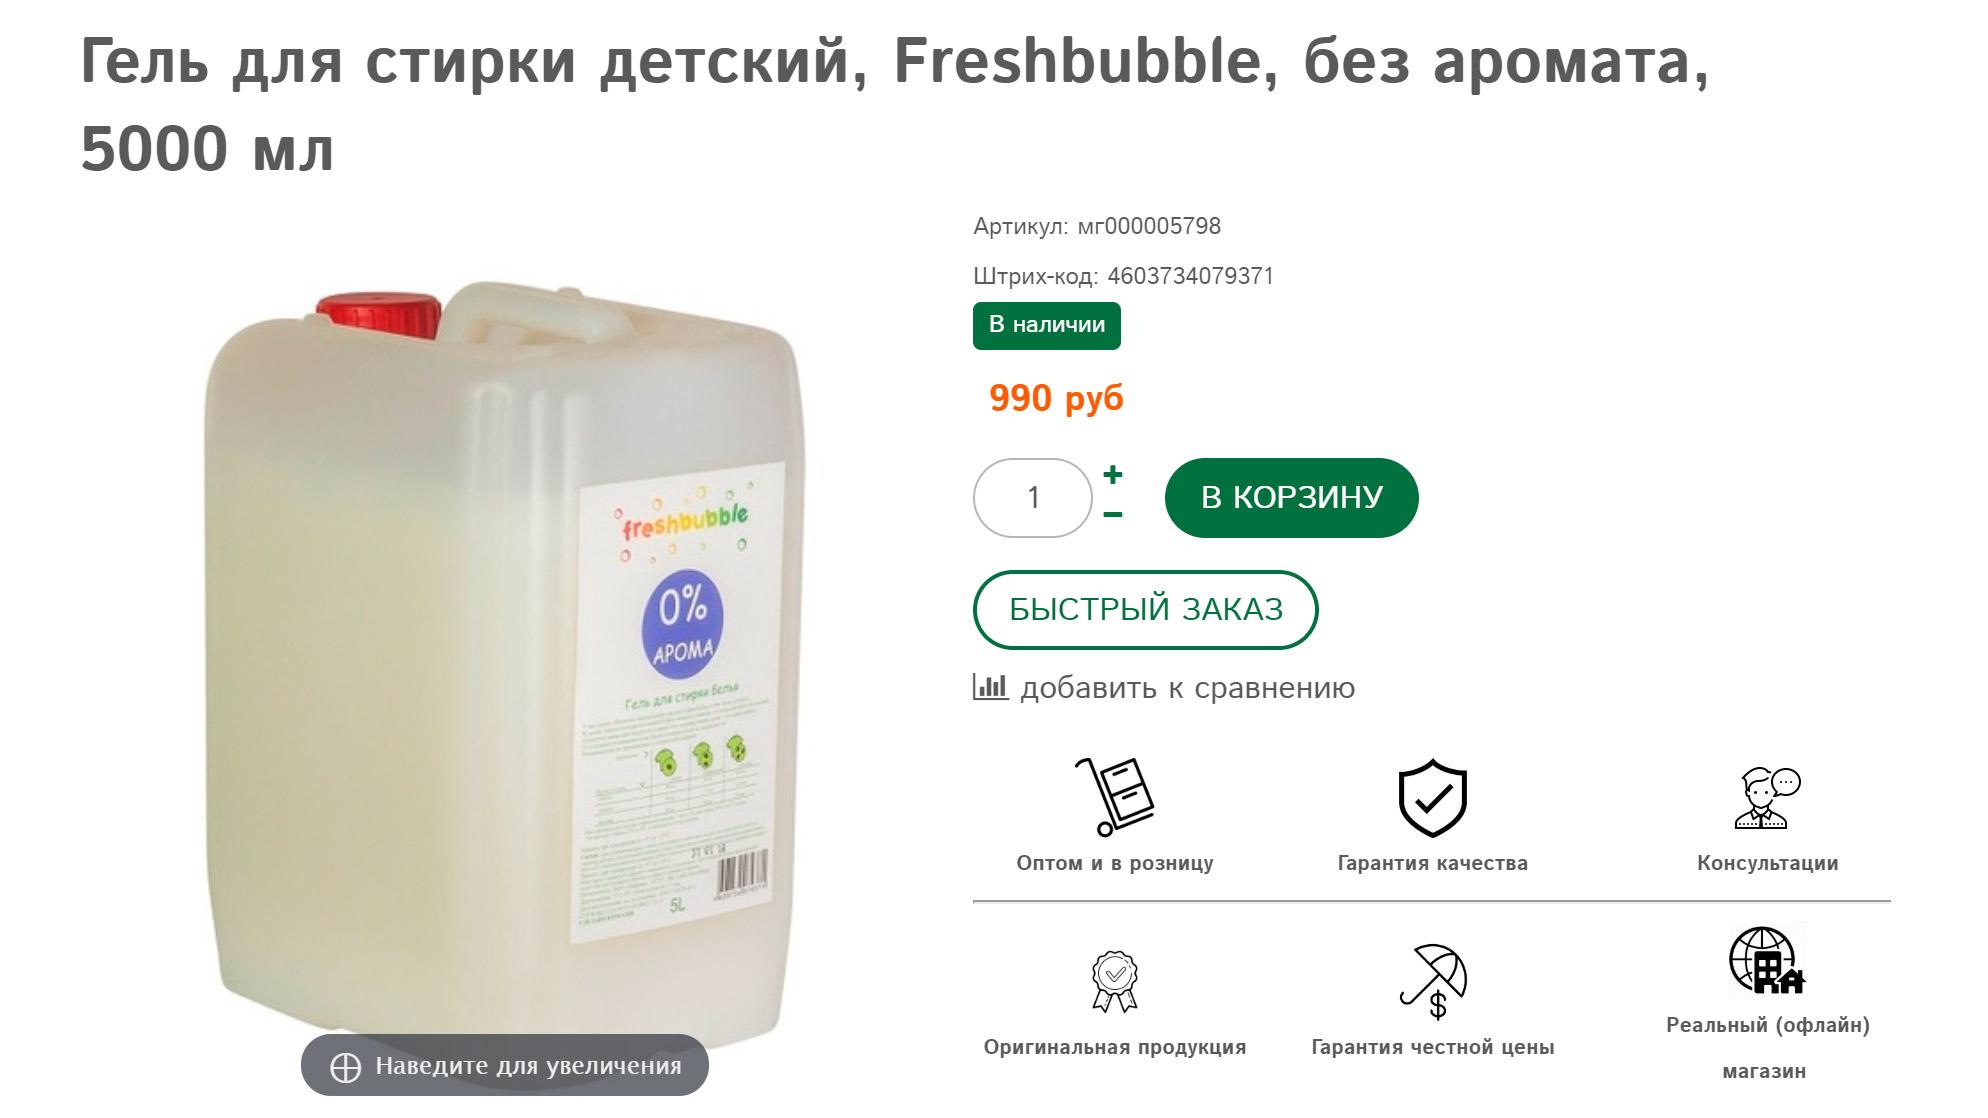 Такая&nbsp;же канистра продается в интернет-магазине, цена за литр — 212,4<span class=ruble>Р</span>. Однако здесь часто бывают скидки и кэшбэк за покупки. В среднем 5 литров мне обойдутся в 900<span class=ruble>Р</span>, то есть 180<span class=ruble>Р</span> за литр. Канистру я отдам на переиспользование либо сдам на переработку